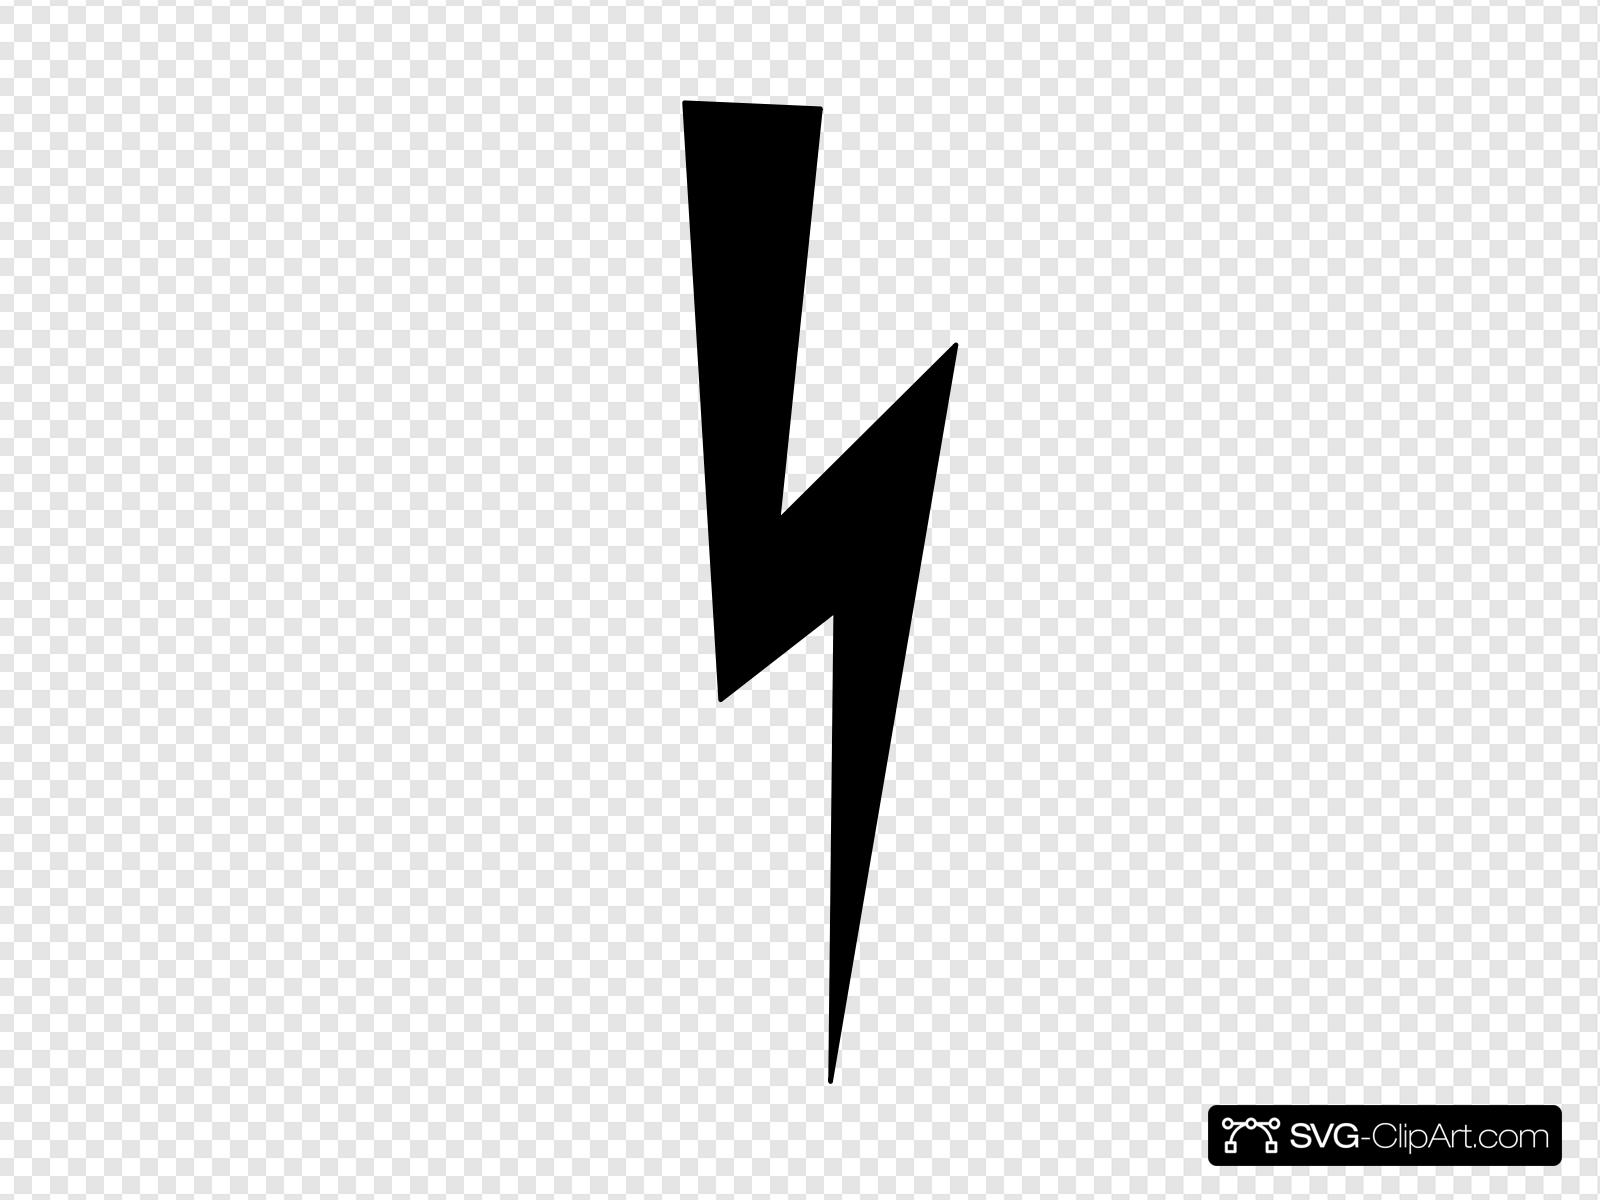 Black Lightning Bolt Clip art, Icon and SVG.